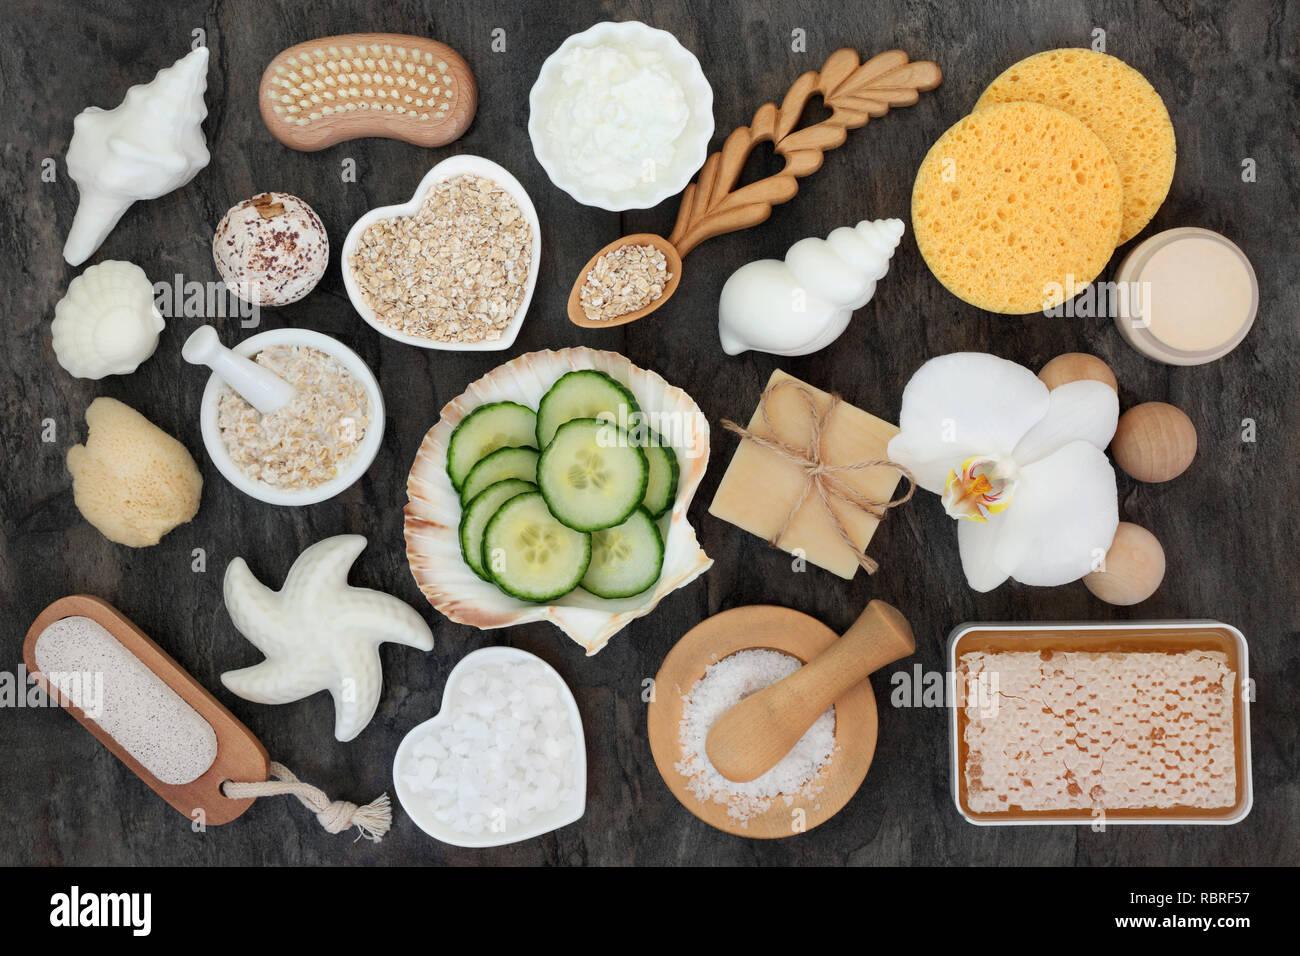 Natürliche Hautpflege und Körperpflege Zutaten und Produkte, Health Care Concept vorteilhaft für Hauterkrankungen wie Neurodermitis, Schuppenflechte und Akne. Stockbild